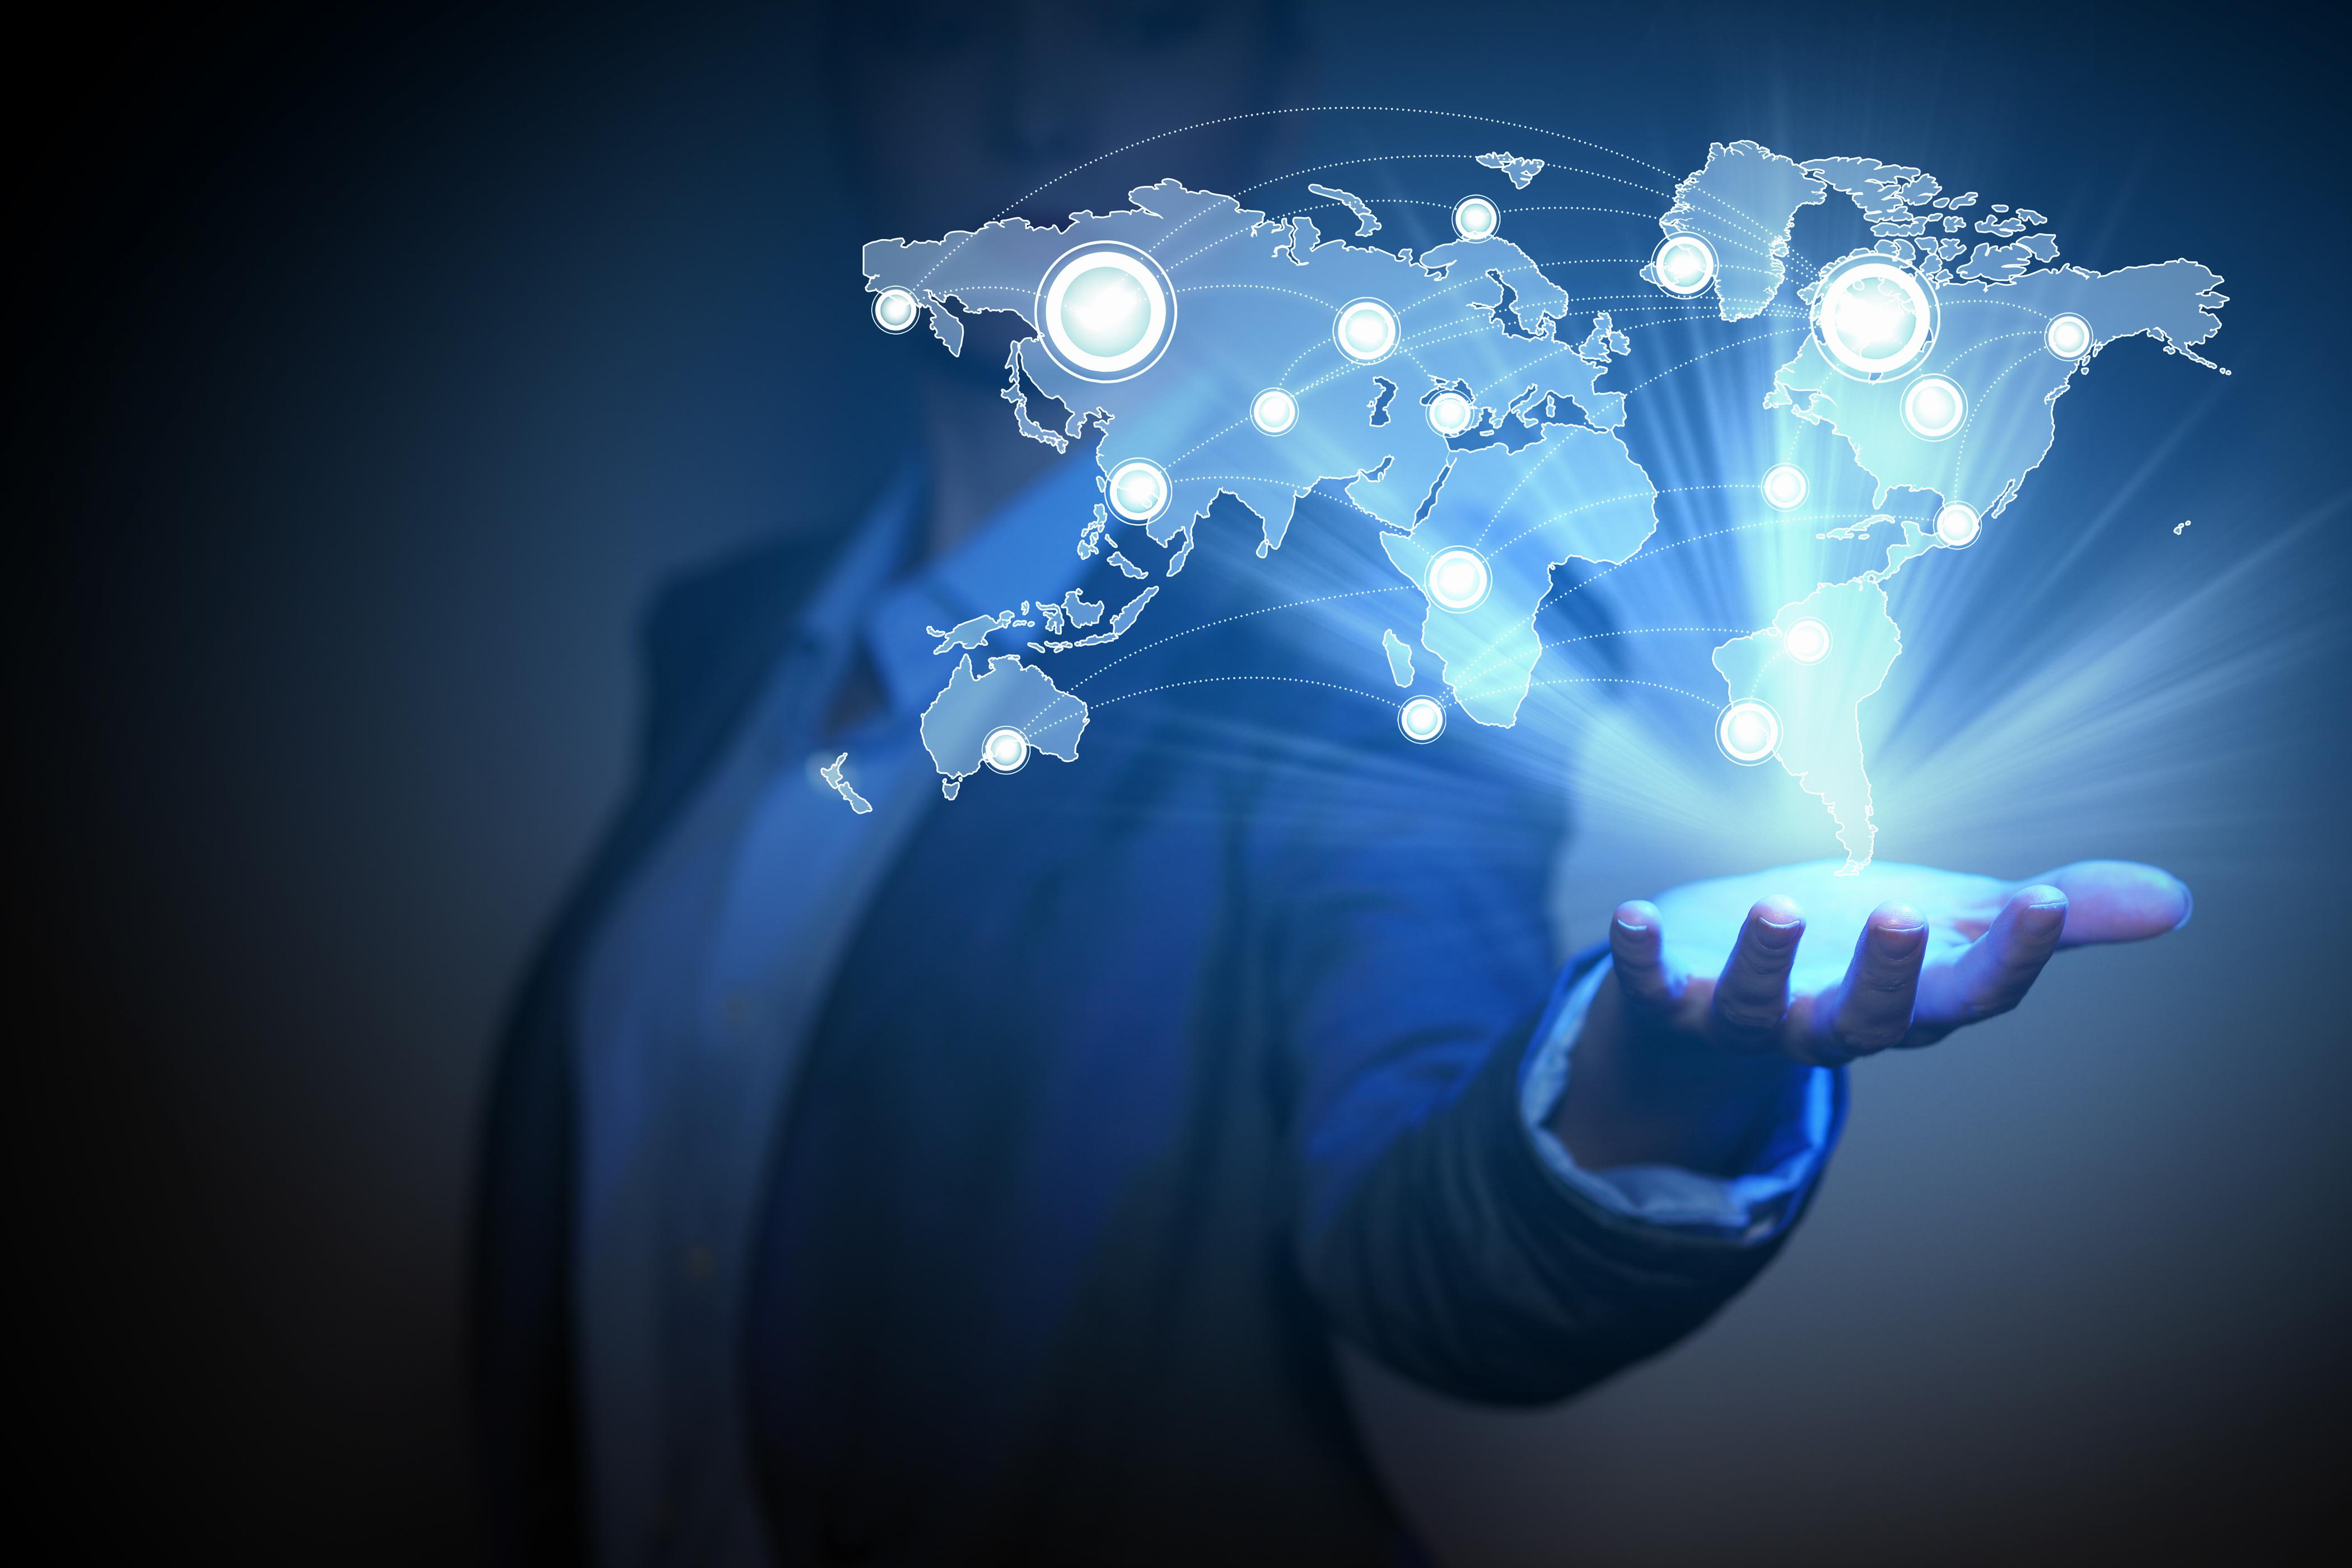 Уеб дизайна, глобалната мрежа и бизнесът